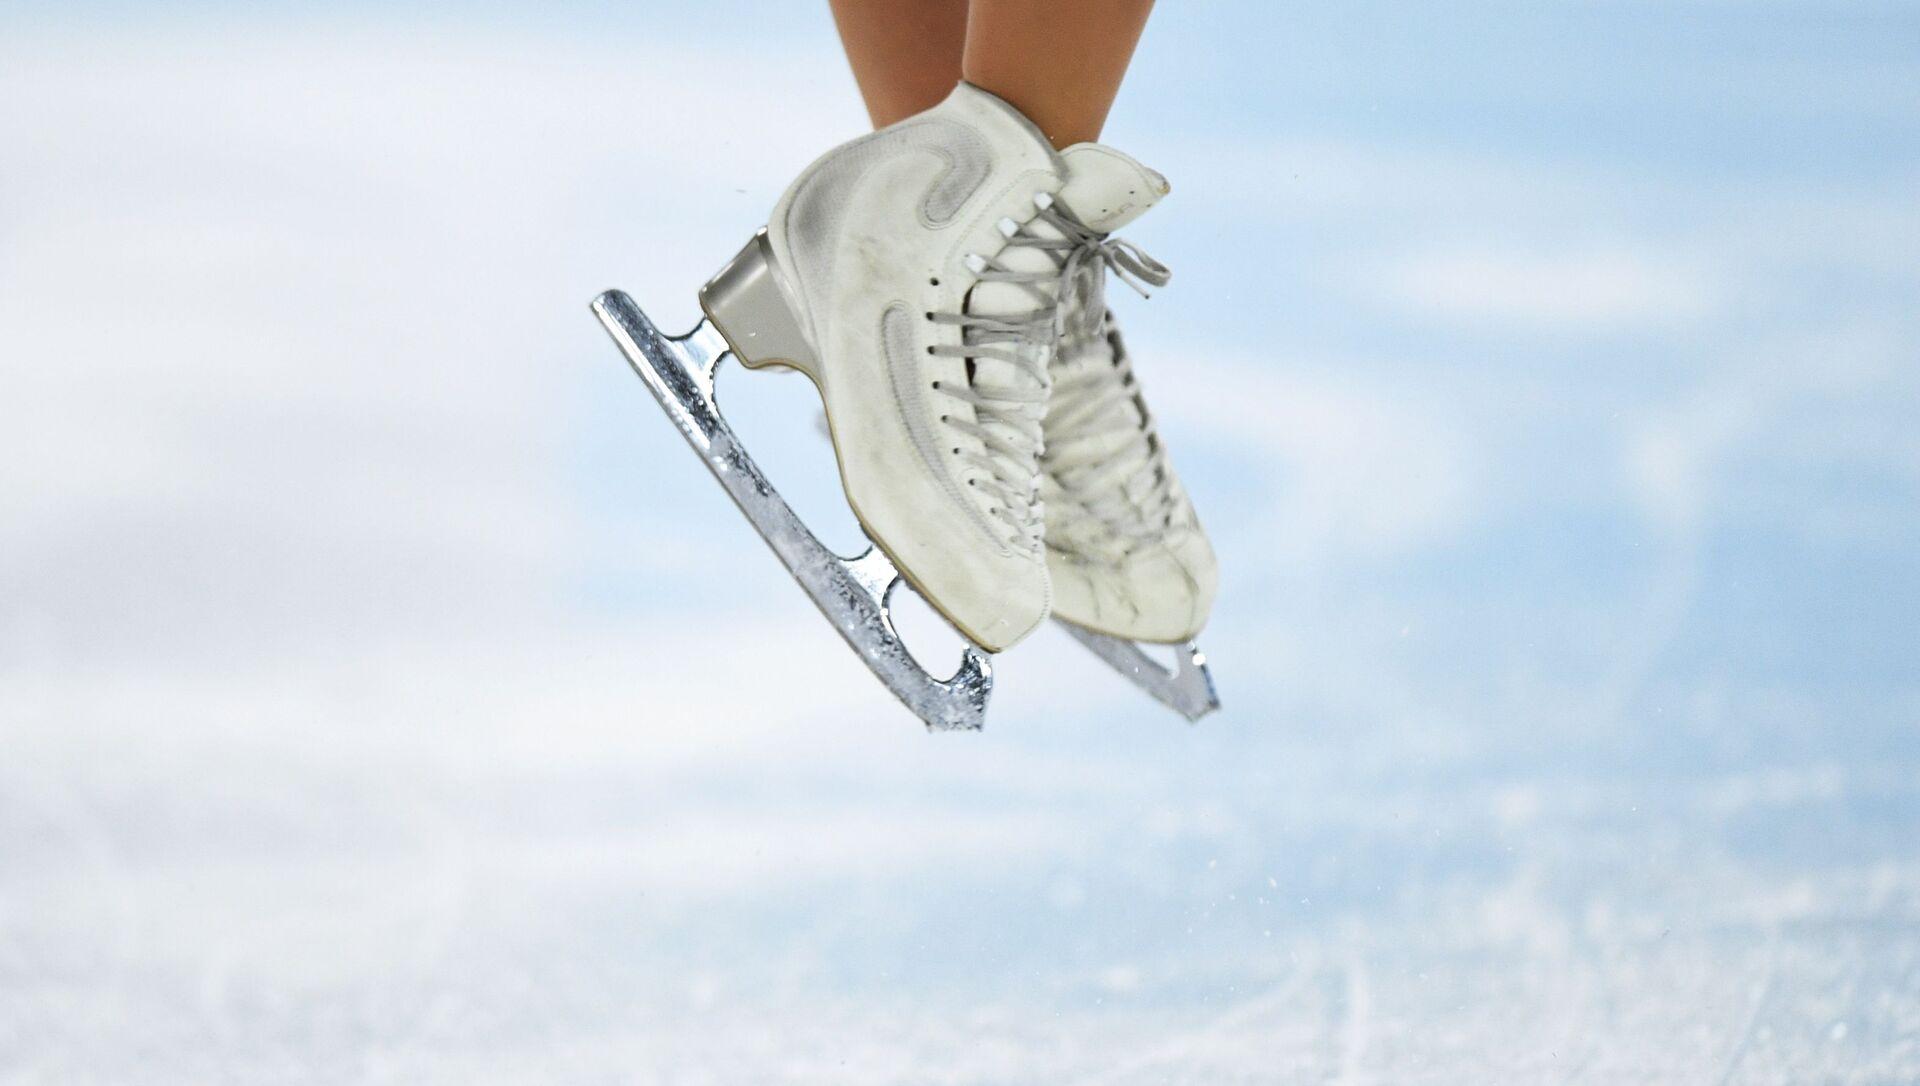 フィギュアスケート - Sputnik 日本, 1920, 17.04.2021